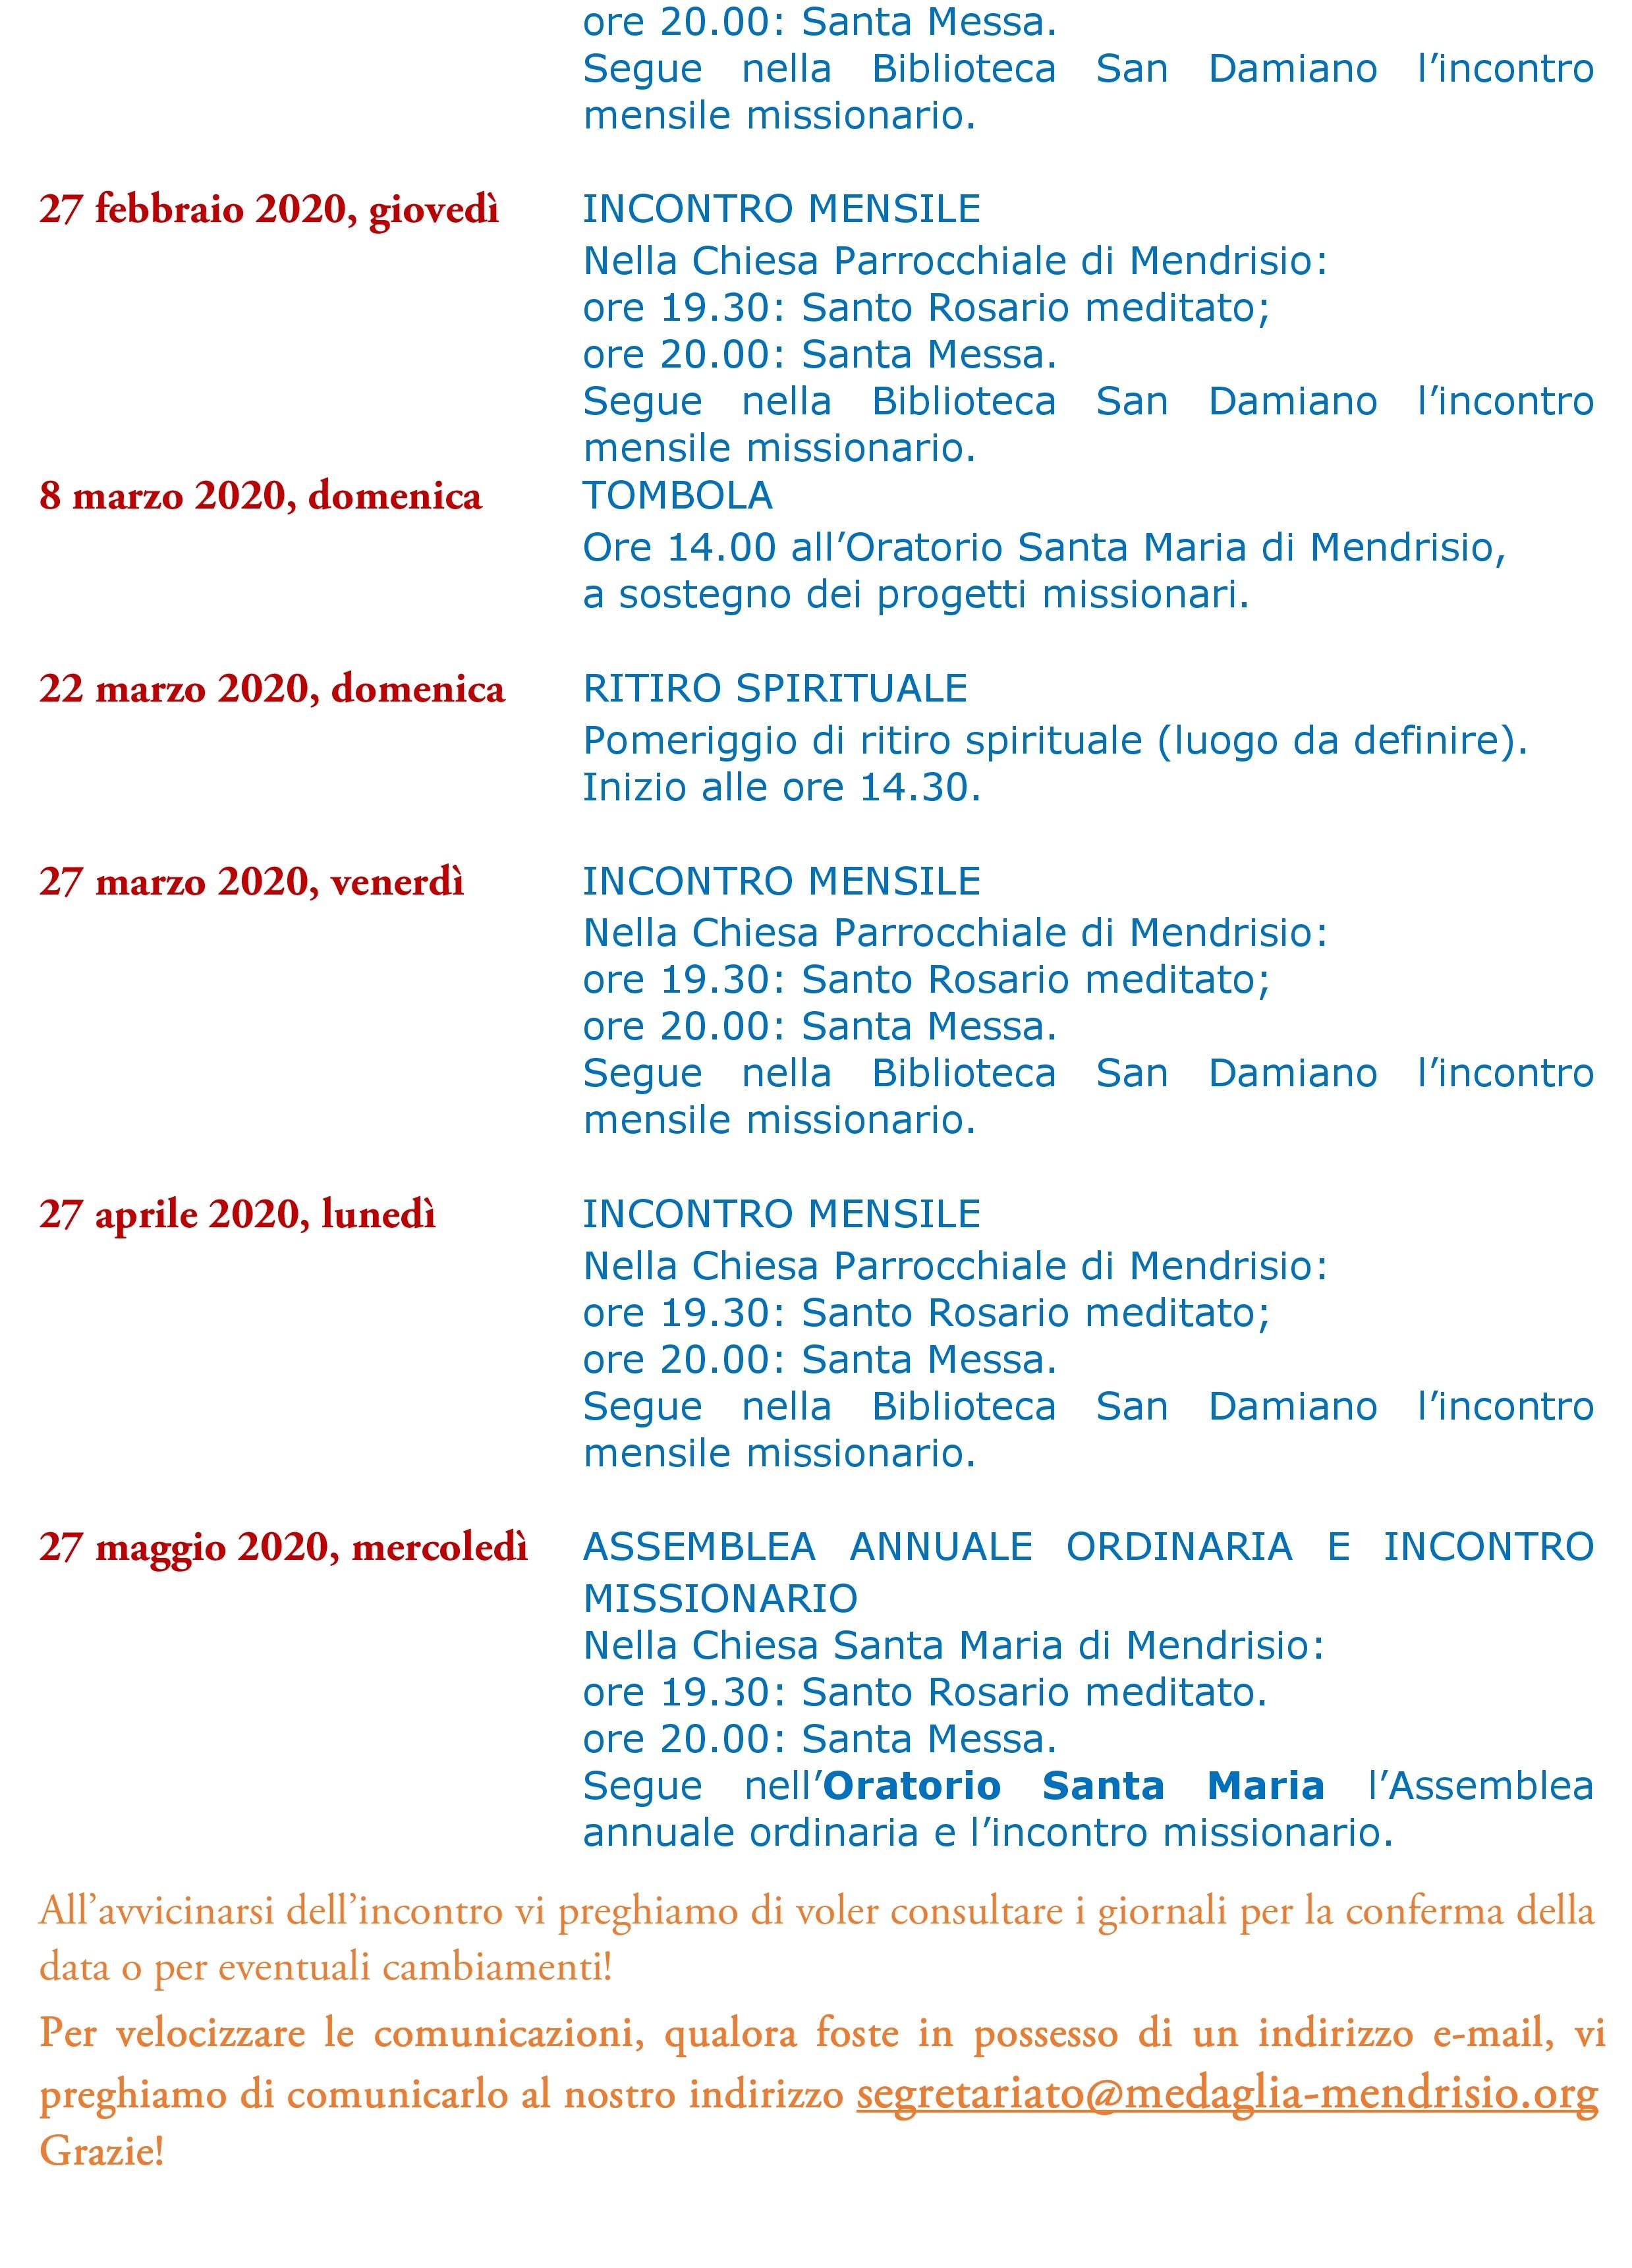 Calendario annuale 2019-2020-002